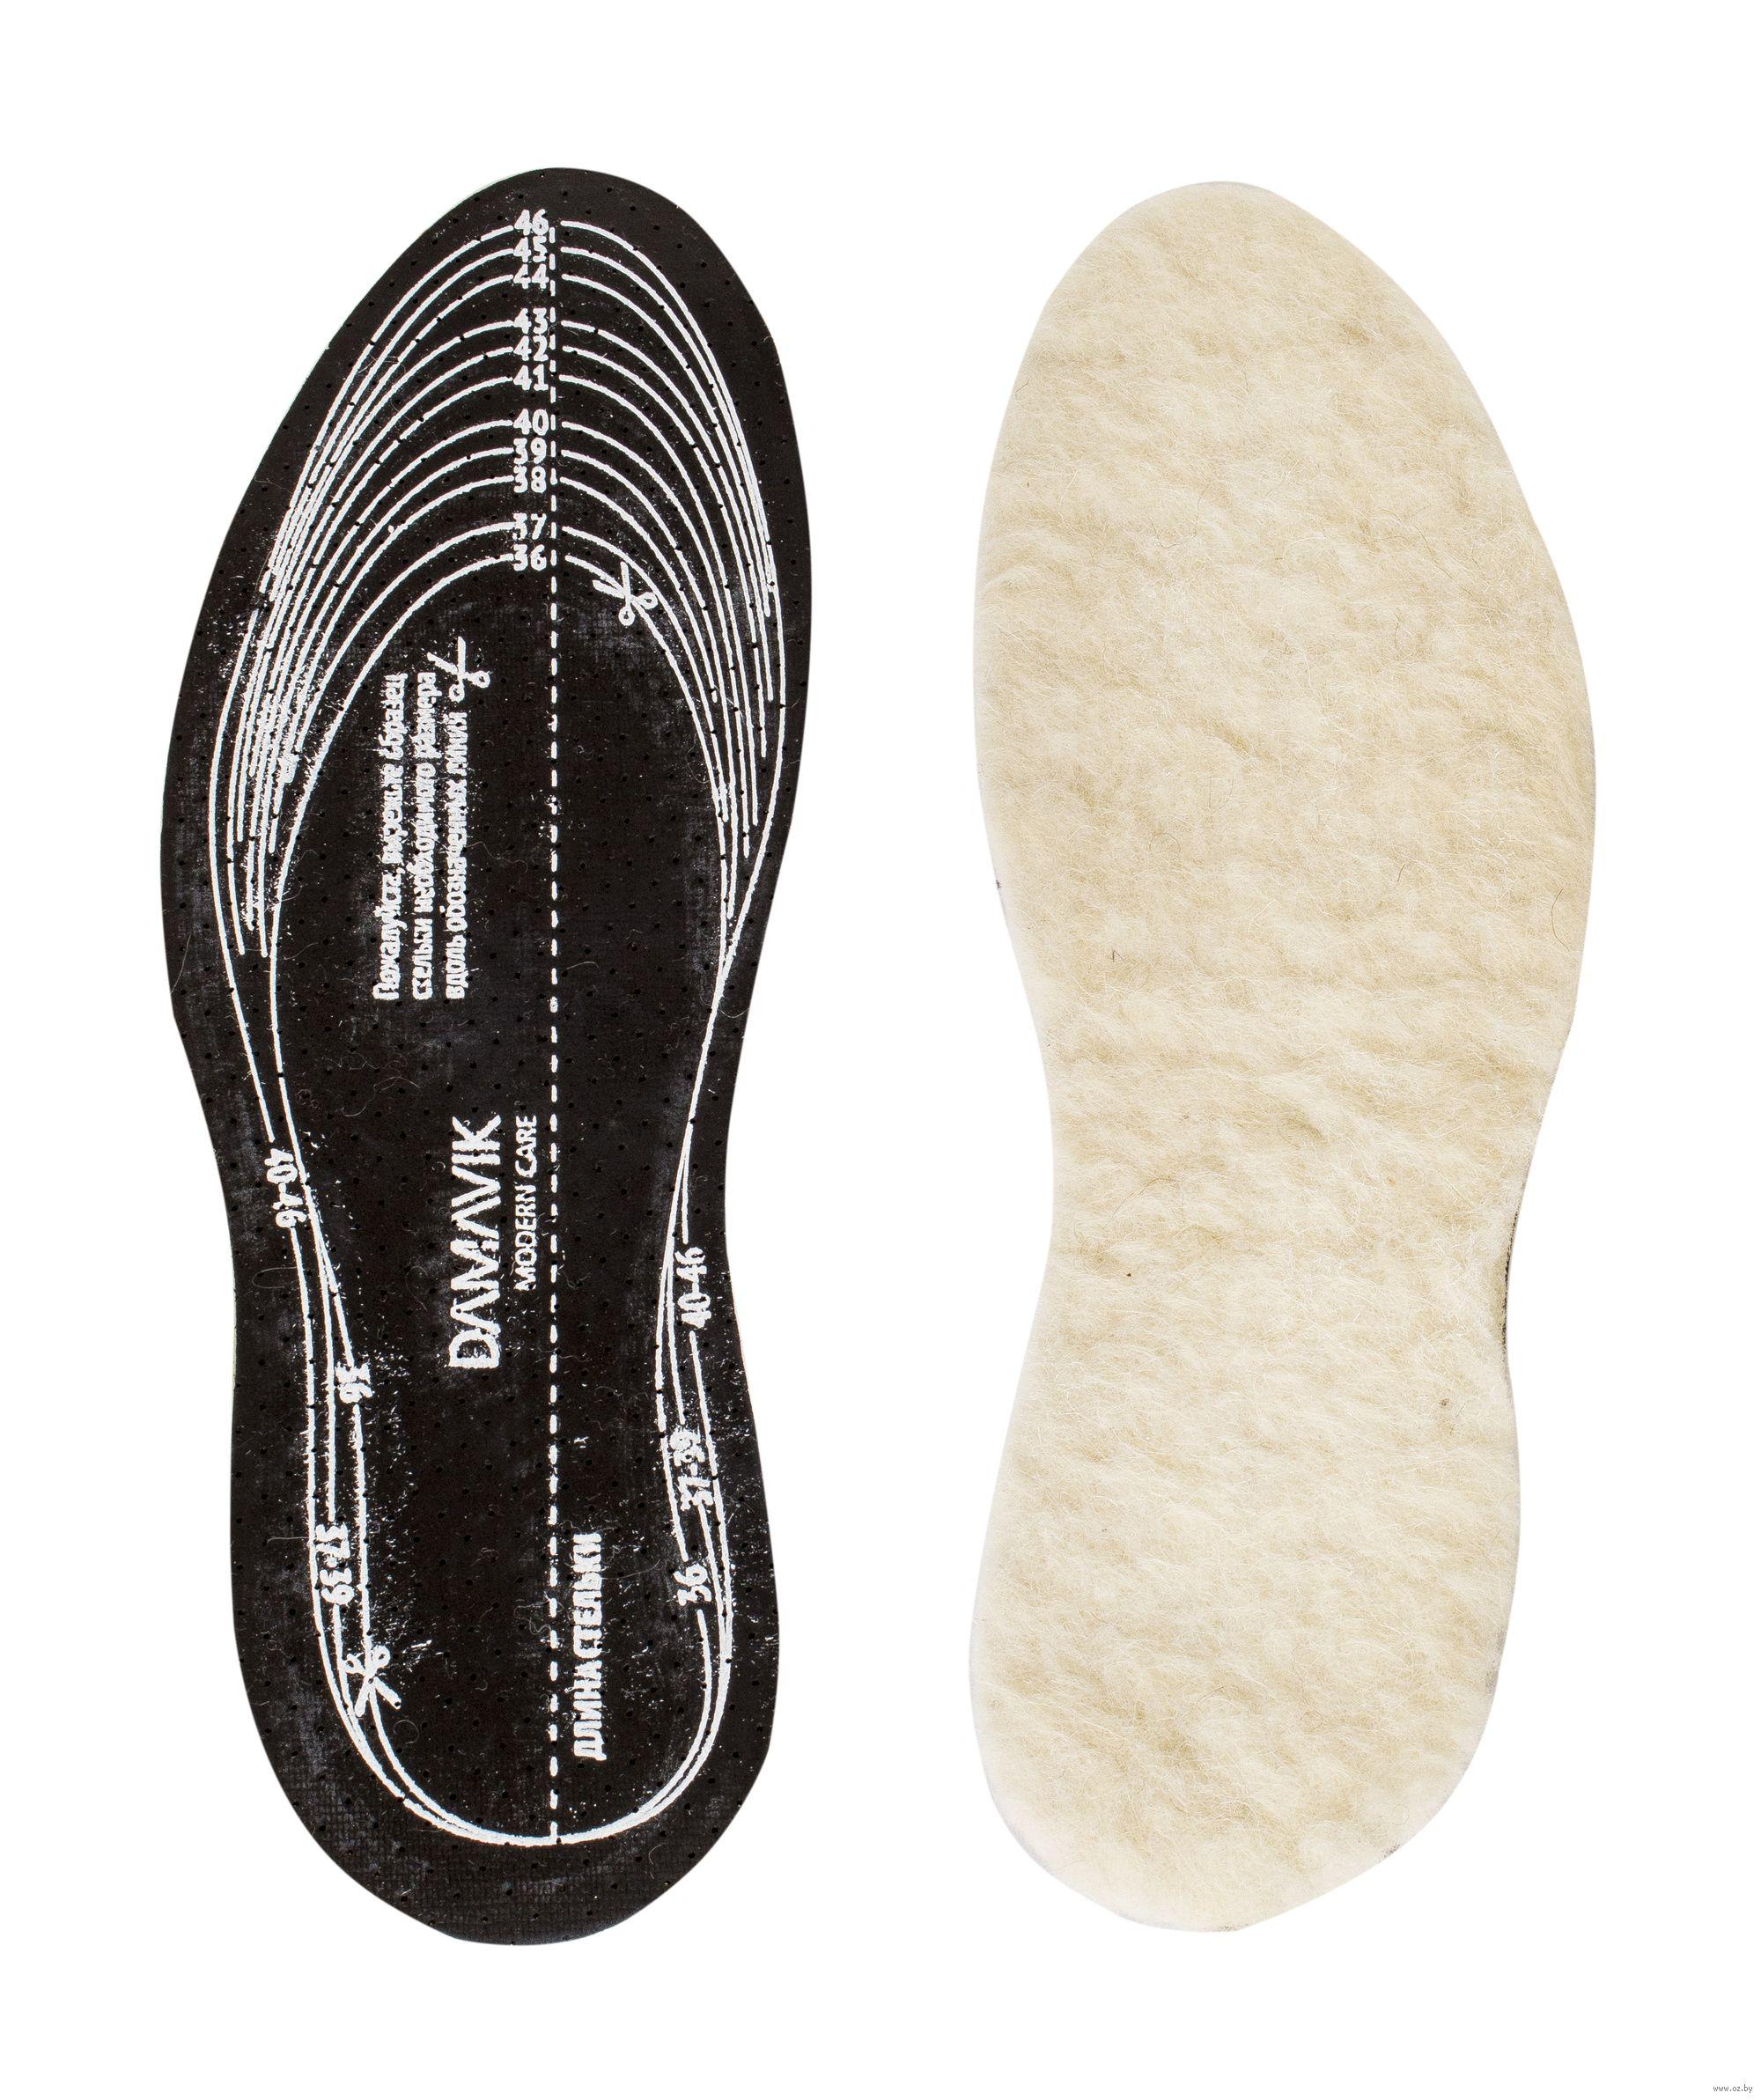 меховые стельки для обуви купить